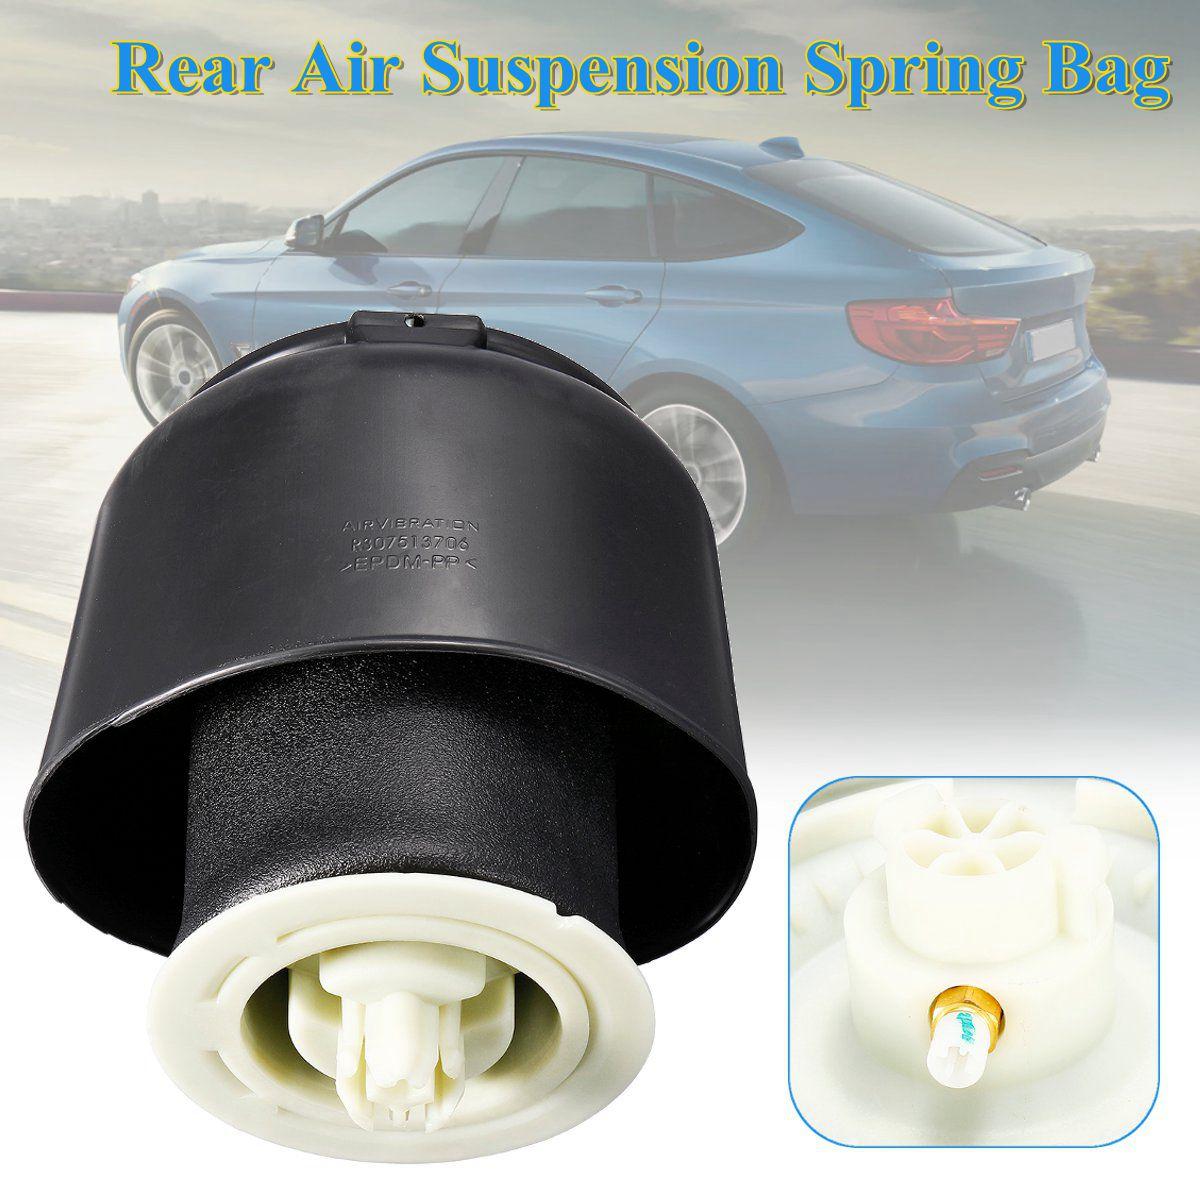 Yeni arka hava süspansiyon bahar körük çanta tozluk kutu için BMW F07 GT F10 F11 #37106781827 371067818 37106781828